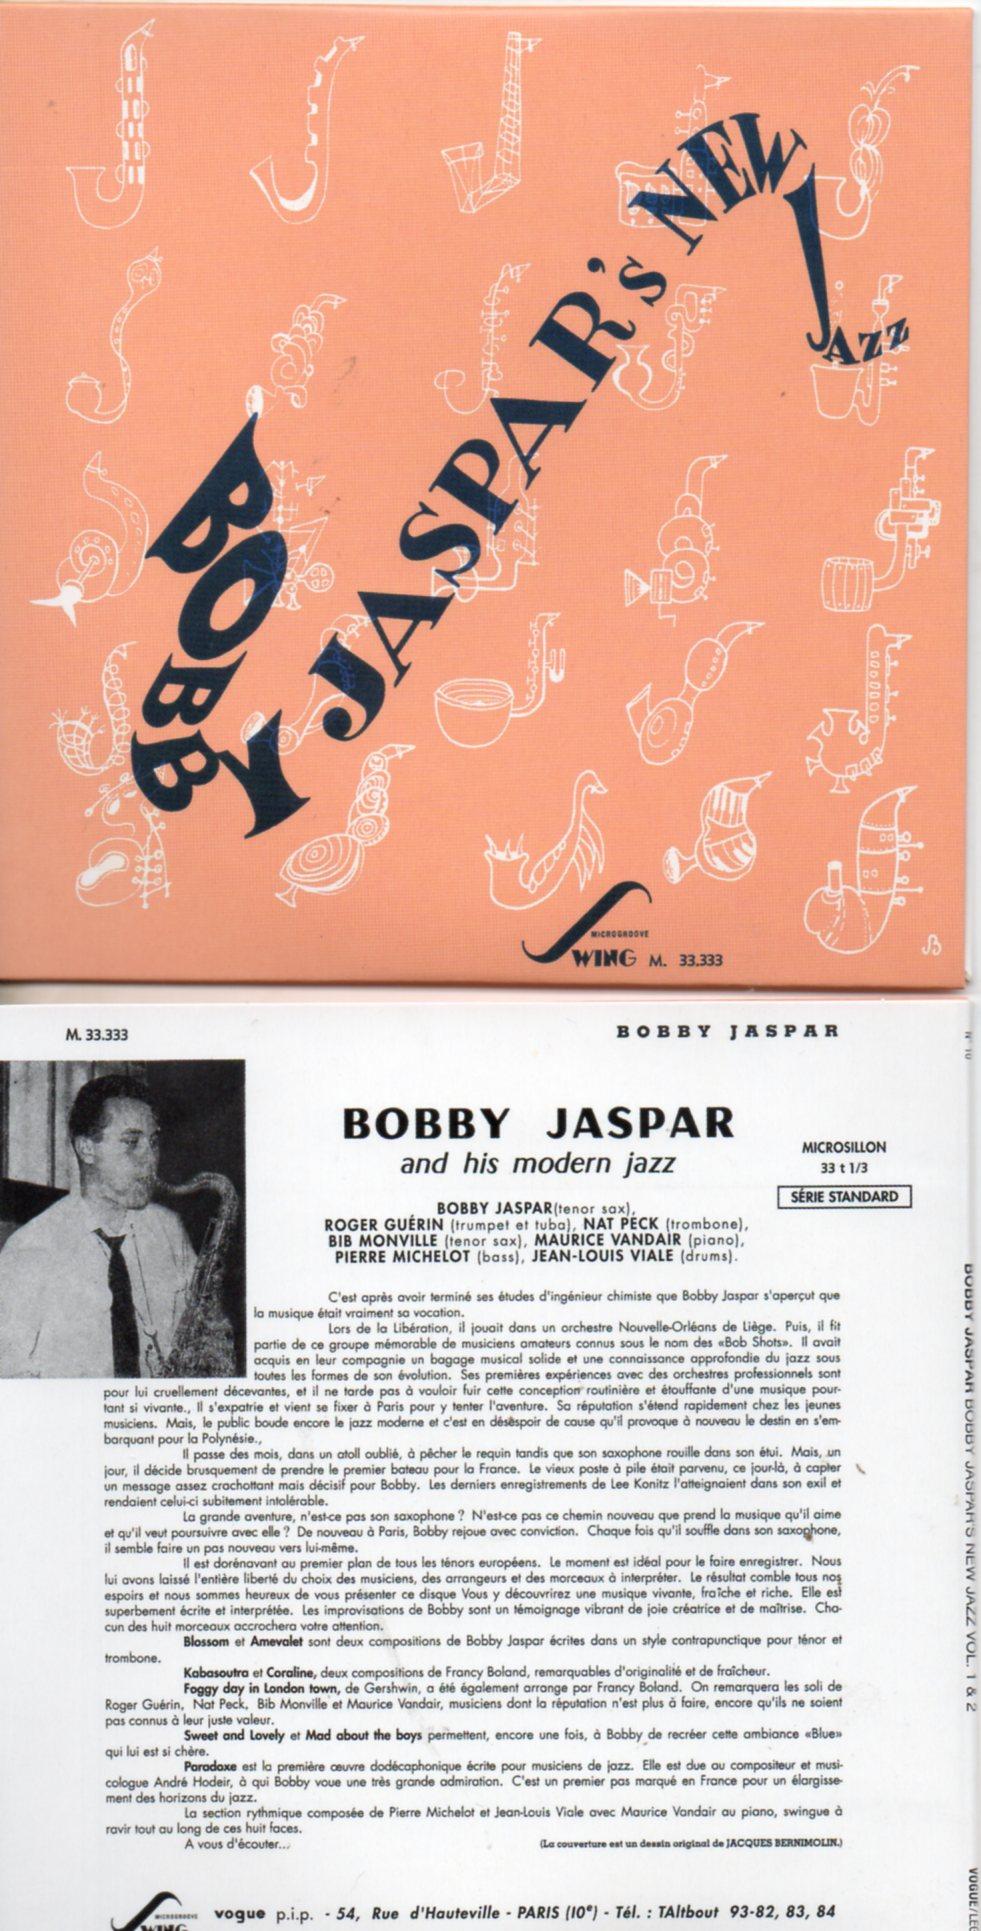 BOBBY JASPAR - Bobby Jaspar's New Jazz Vol. 1 & Vol. 2 (1954) - MINI LP REPLICA CARD SLEEVE - 16-TRACK - CD